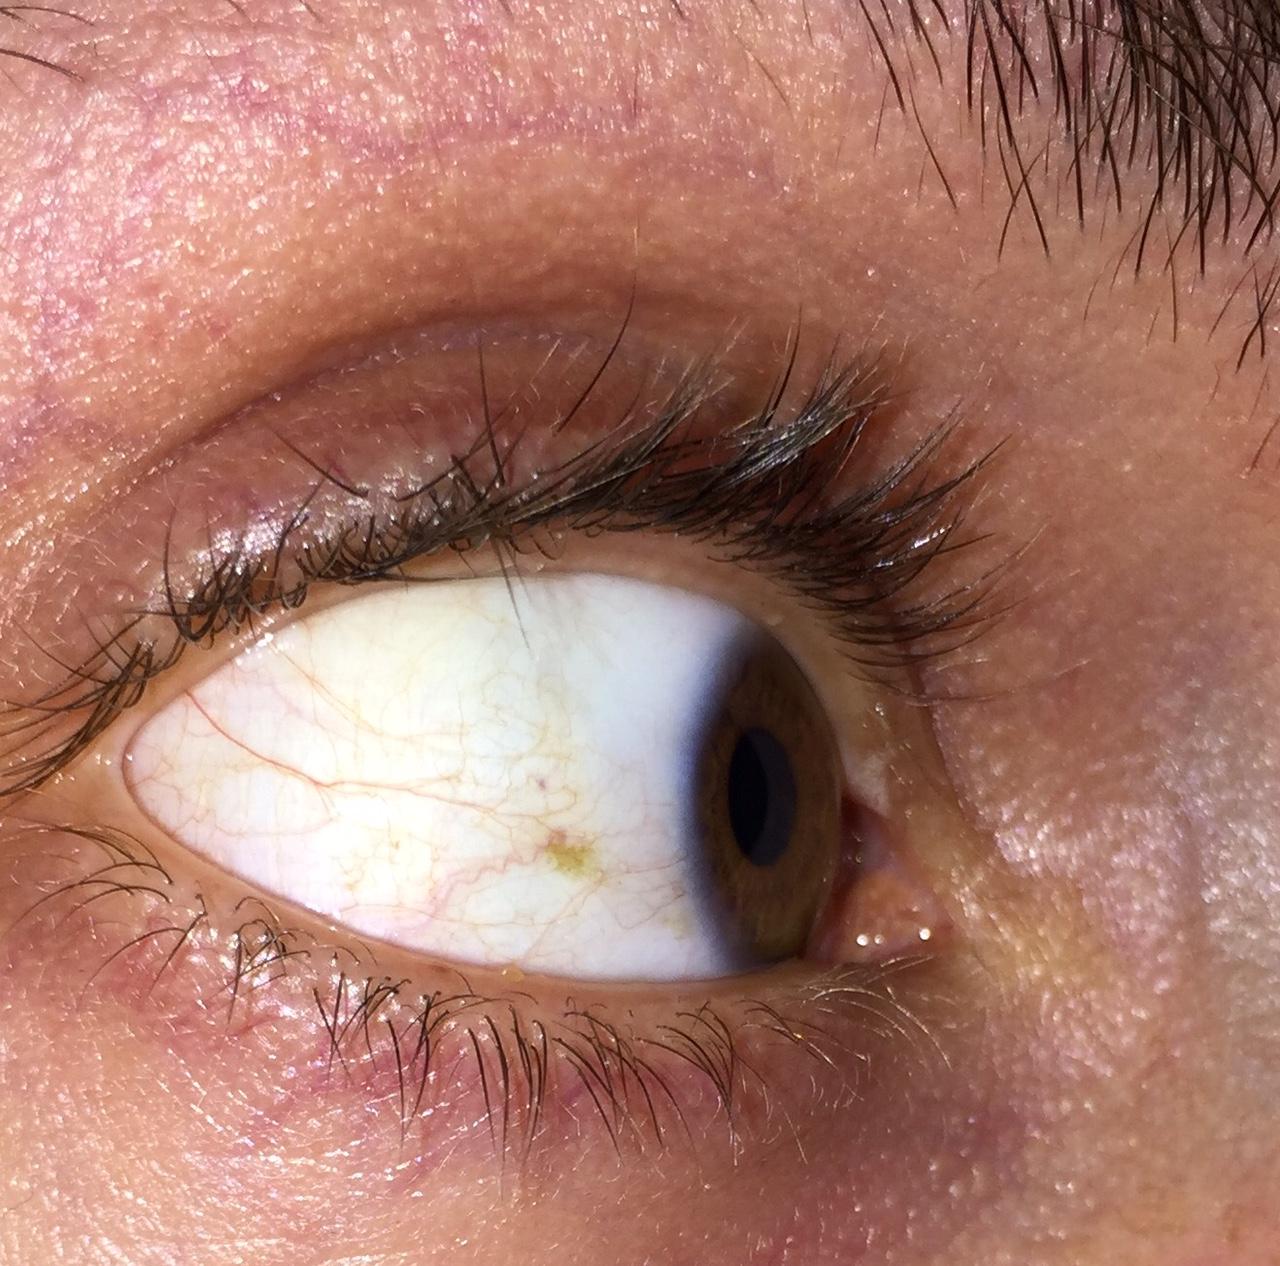 Ringe unter den Augen, um Würmer durch